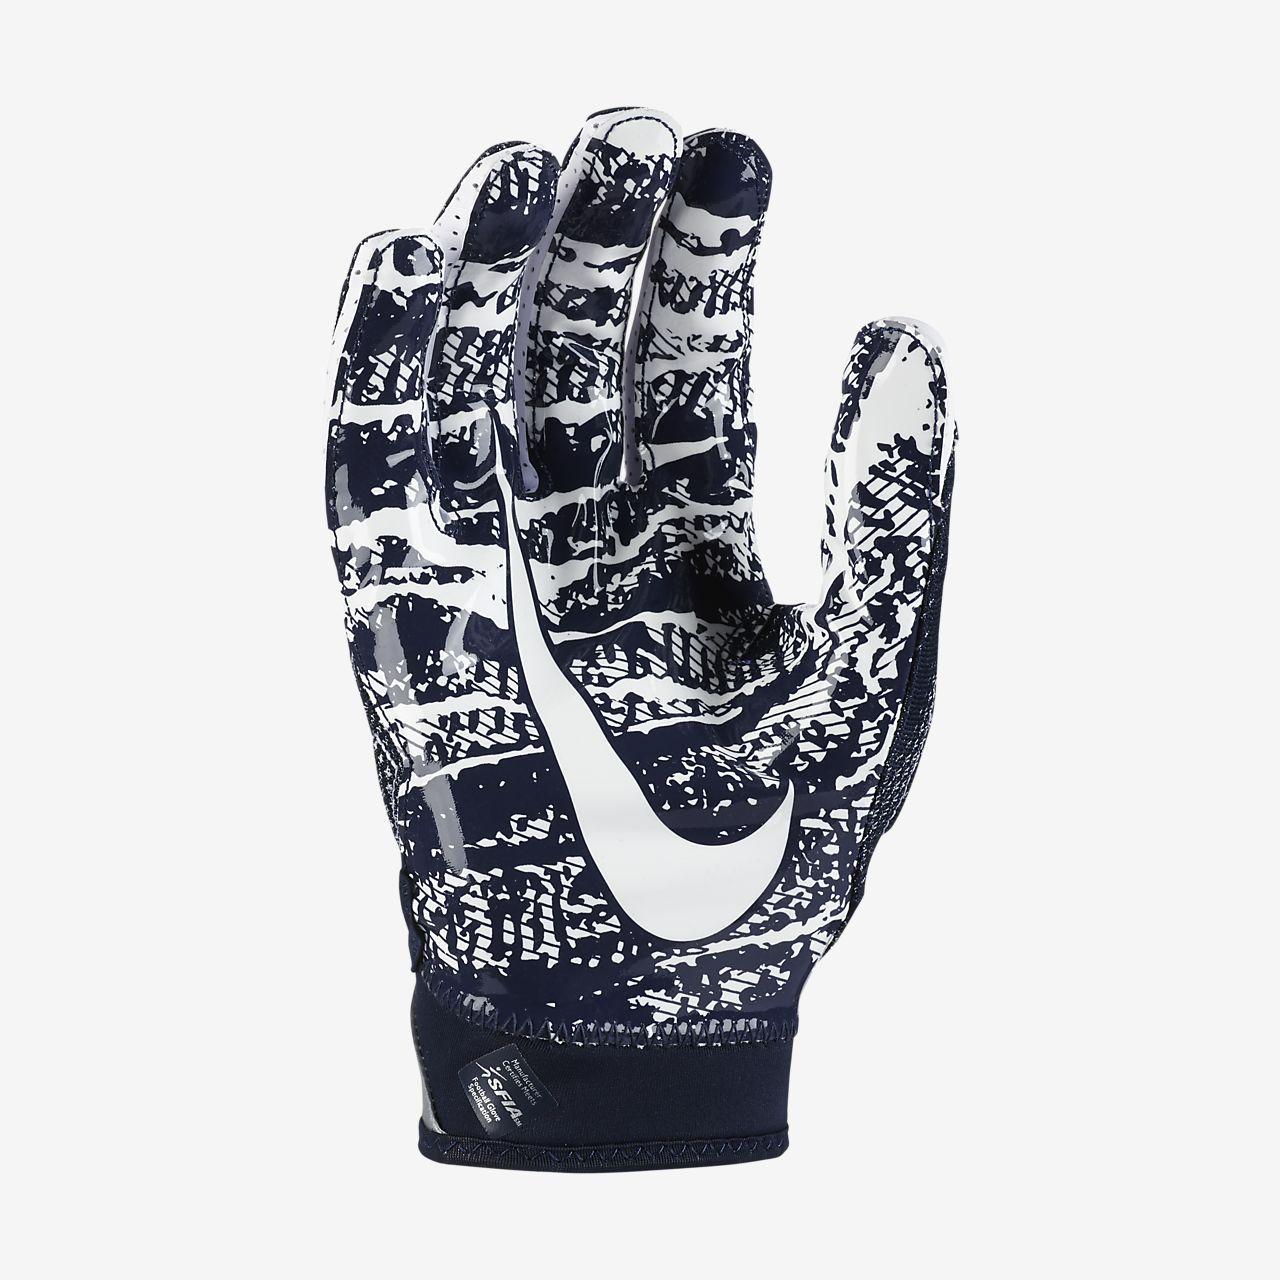 ... Nike Superbad 4 Men's Football Gloves